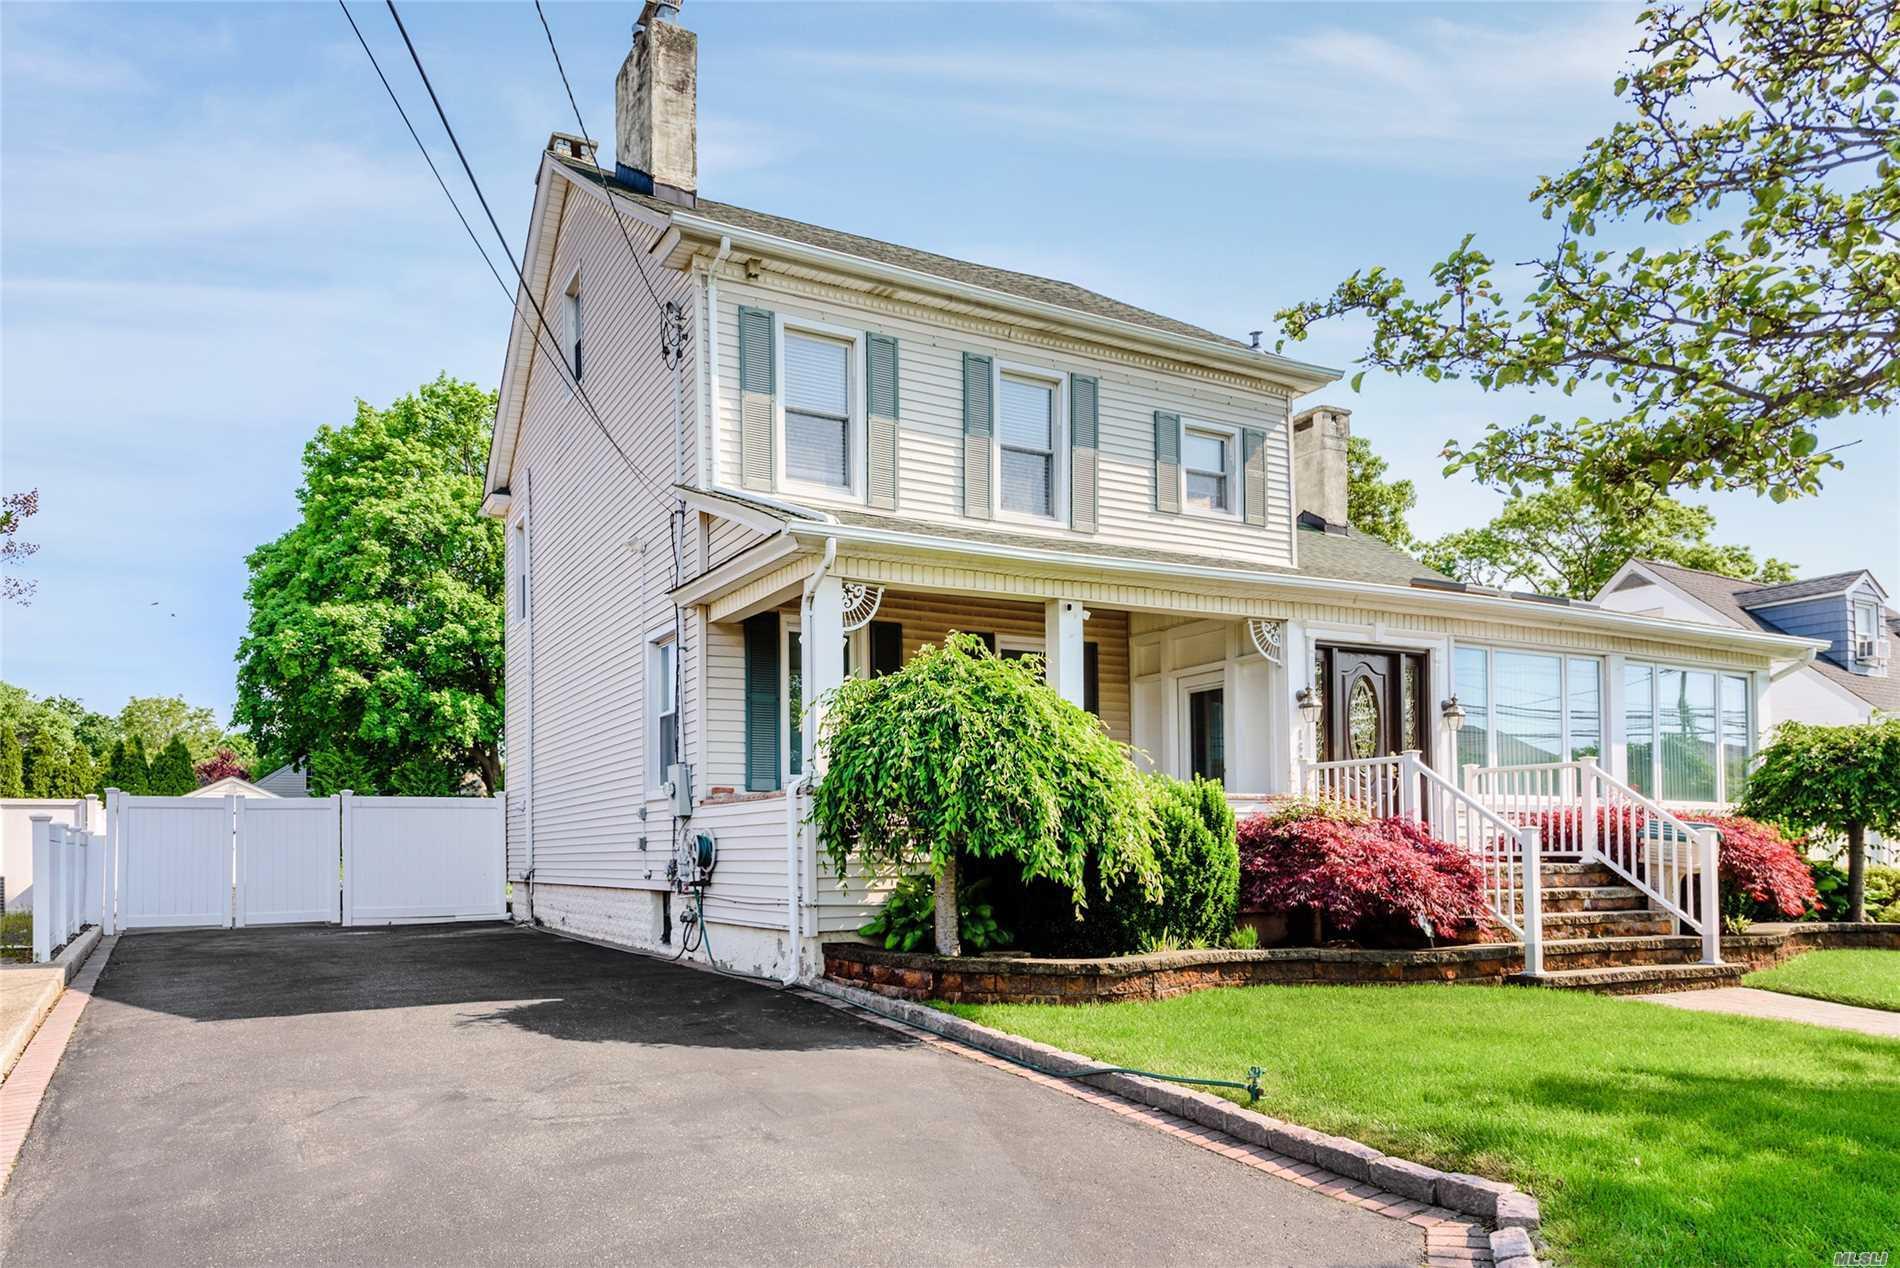 160 Bedford Ave - Merrick, New York